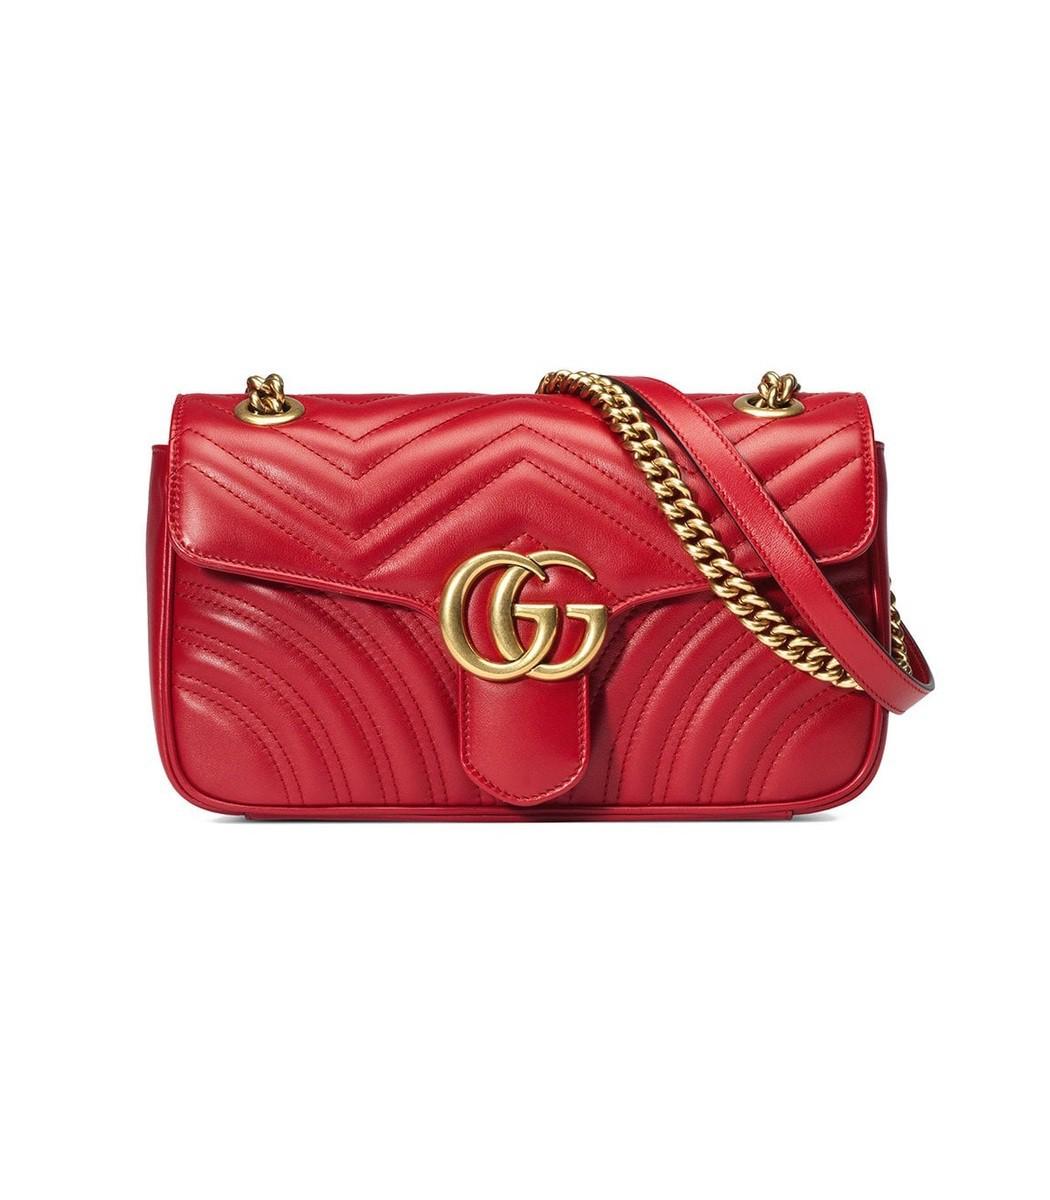 b6708d6fb7ec Home / Gucci / GG Marmont Small Matelass' Shoulder Bag. prev